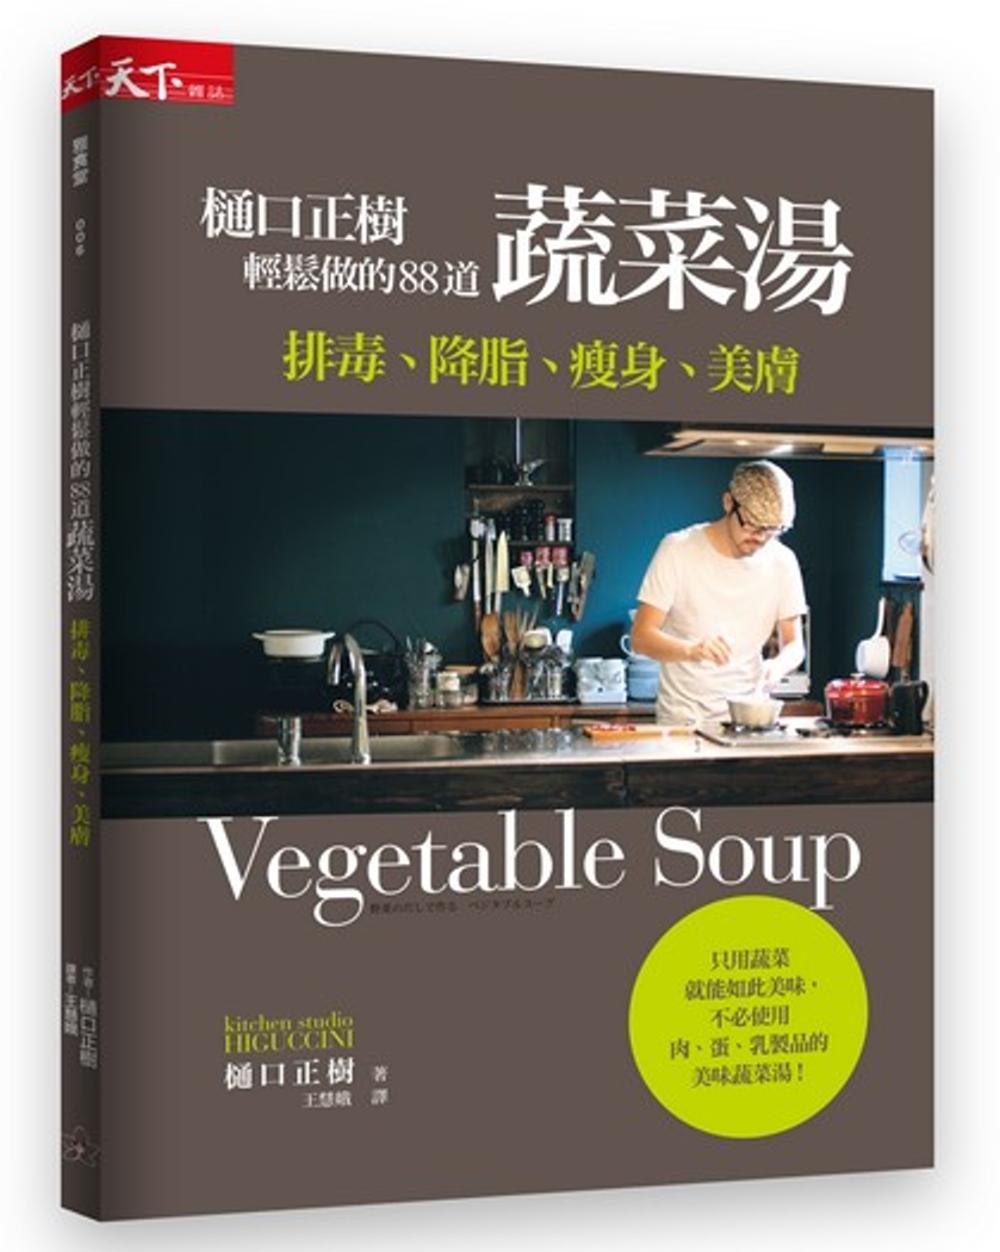 ◤博客來BOOKS◢ 暢銷書榜《推薦》樋口正樹輕鬆做的88道蔬菜湯:排毒、降脂、瘦身、美膚